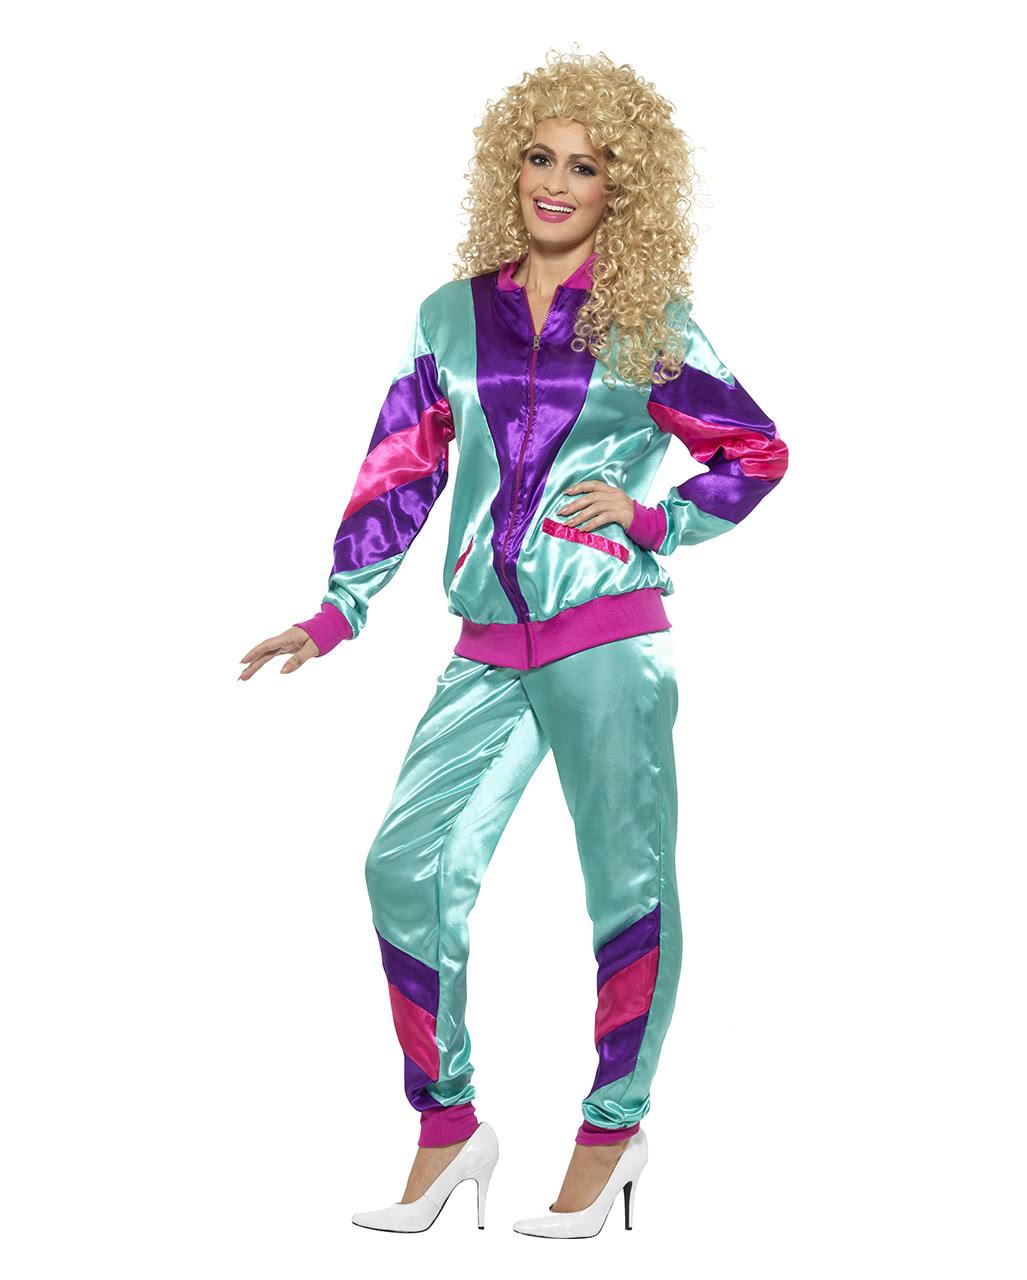 80s Jogging Suit Costume | Bad button | horror-shop.com